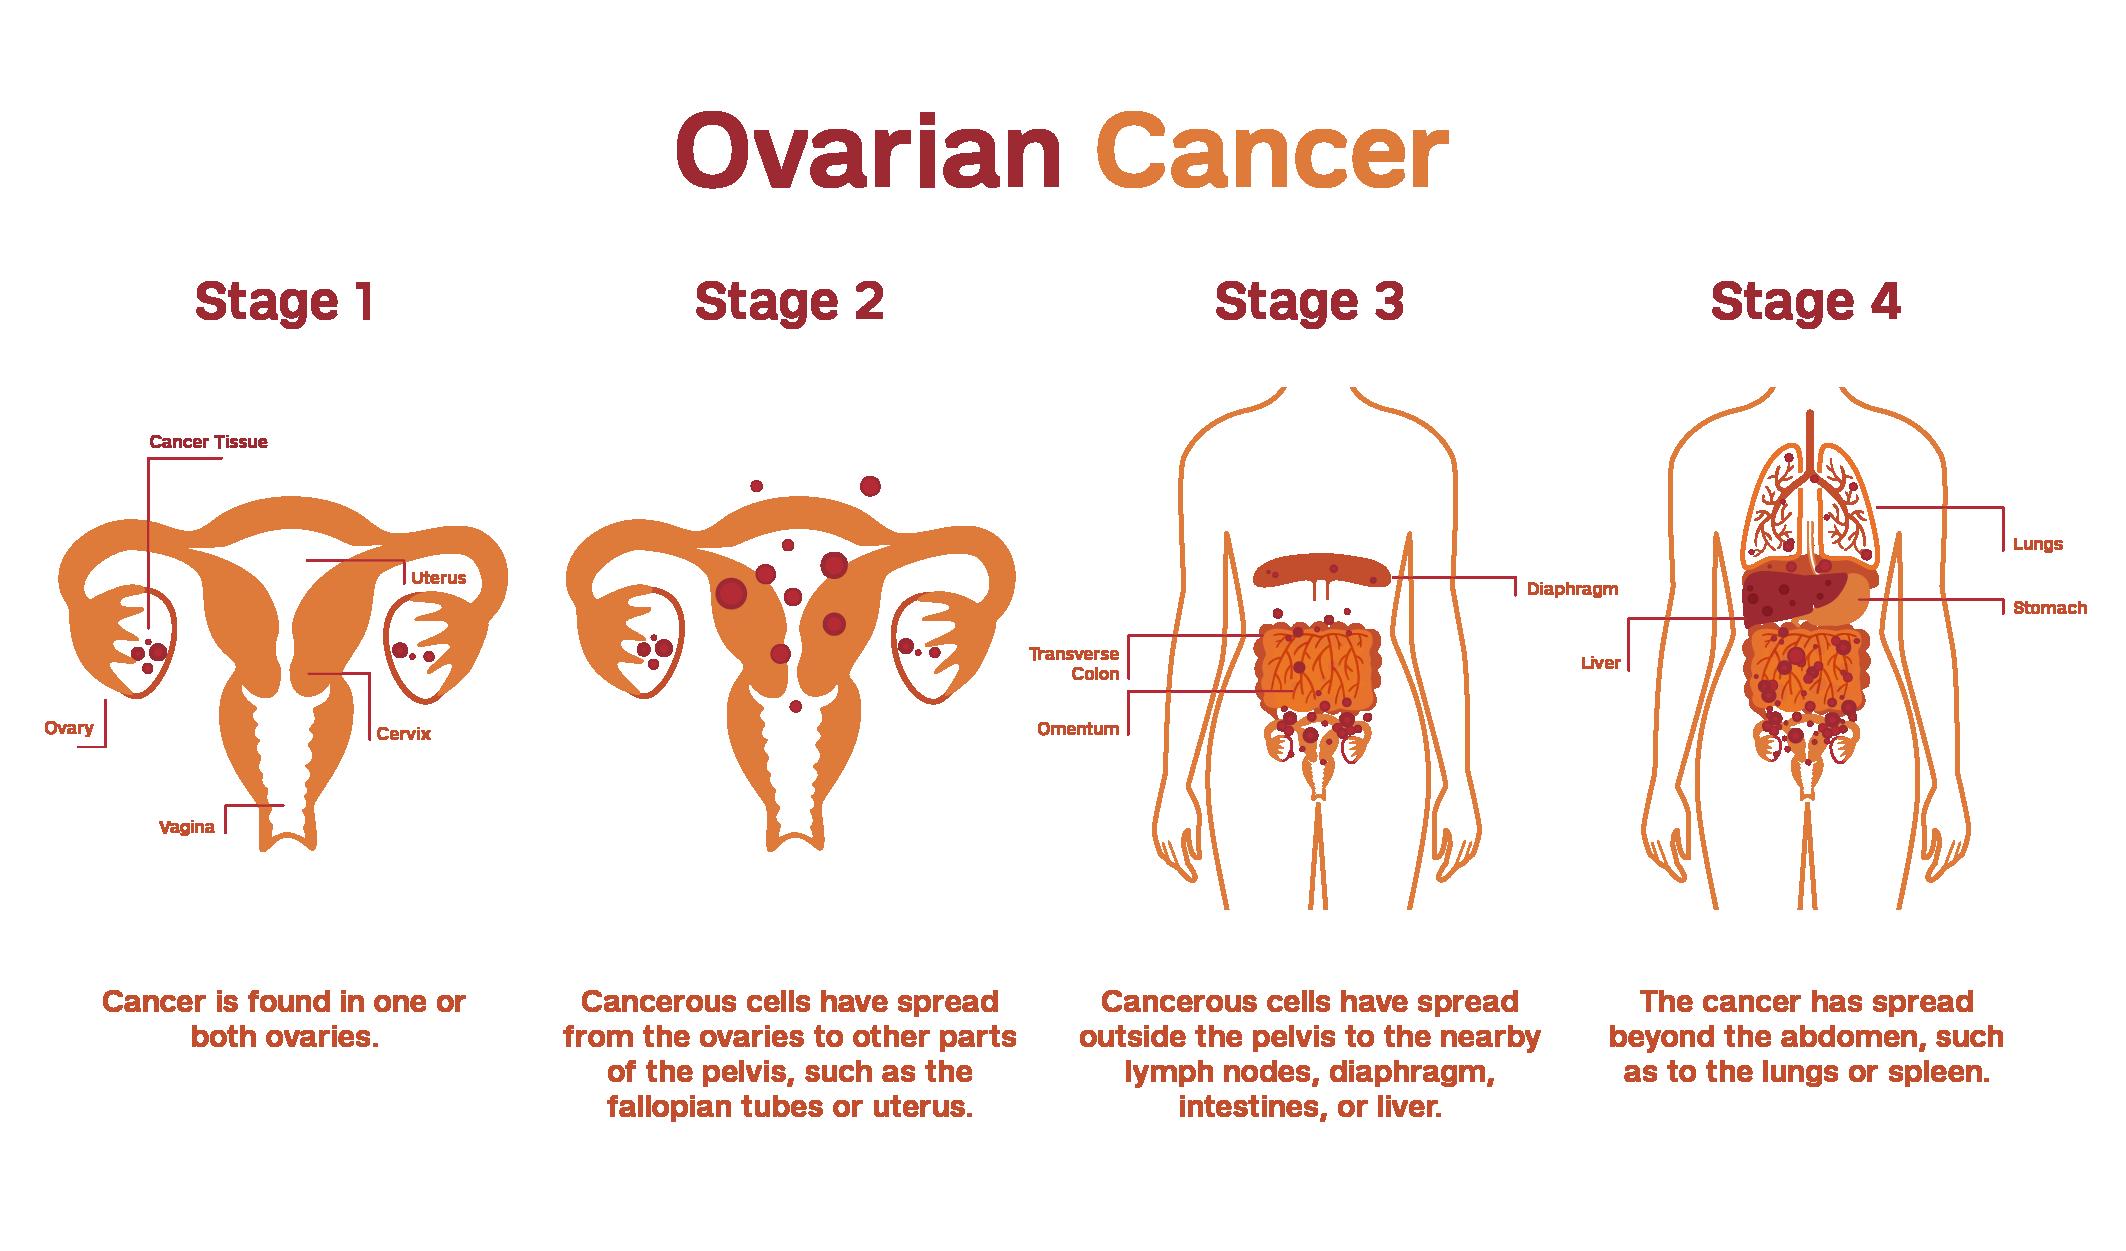 Etapas cáncer ovario